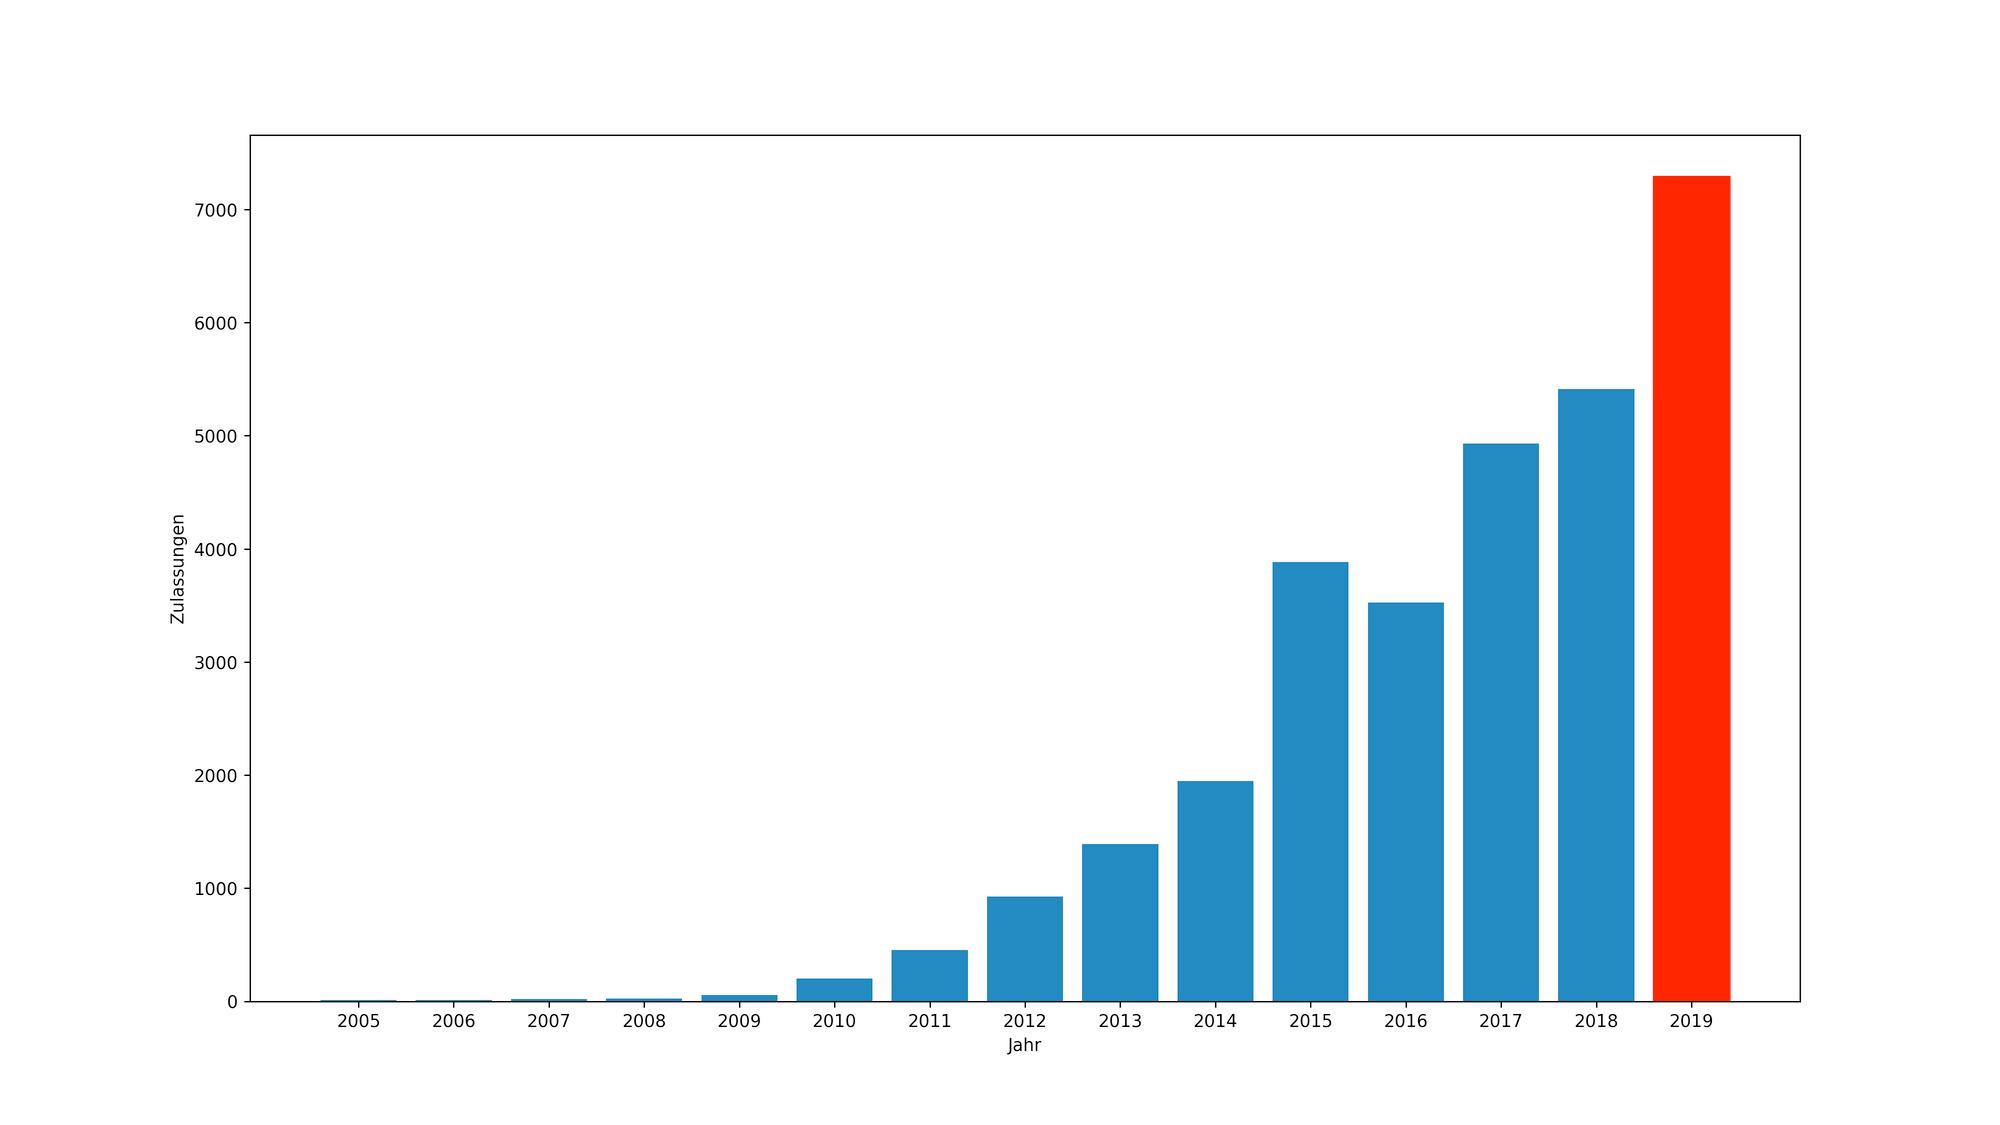 Statistik von neu zugelassenen Elektroautos in der Schweiz